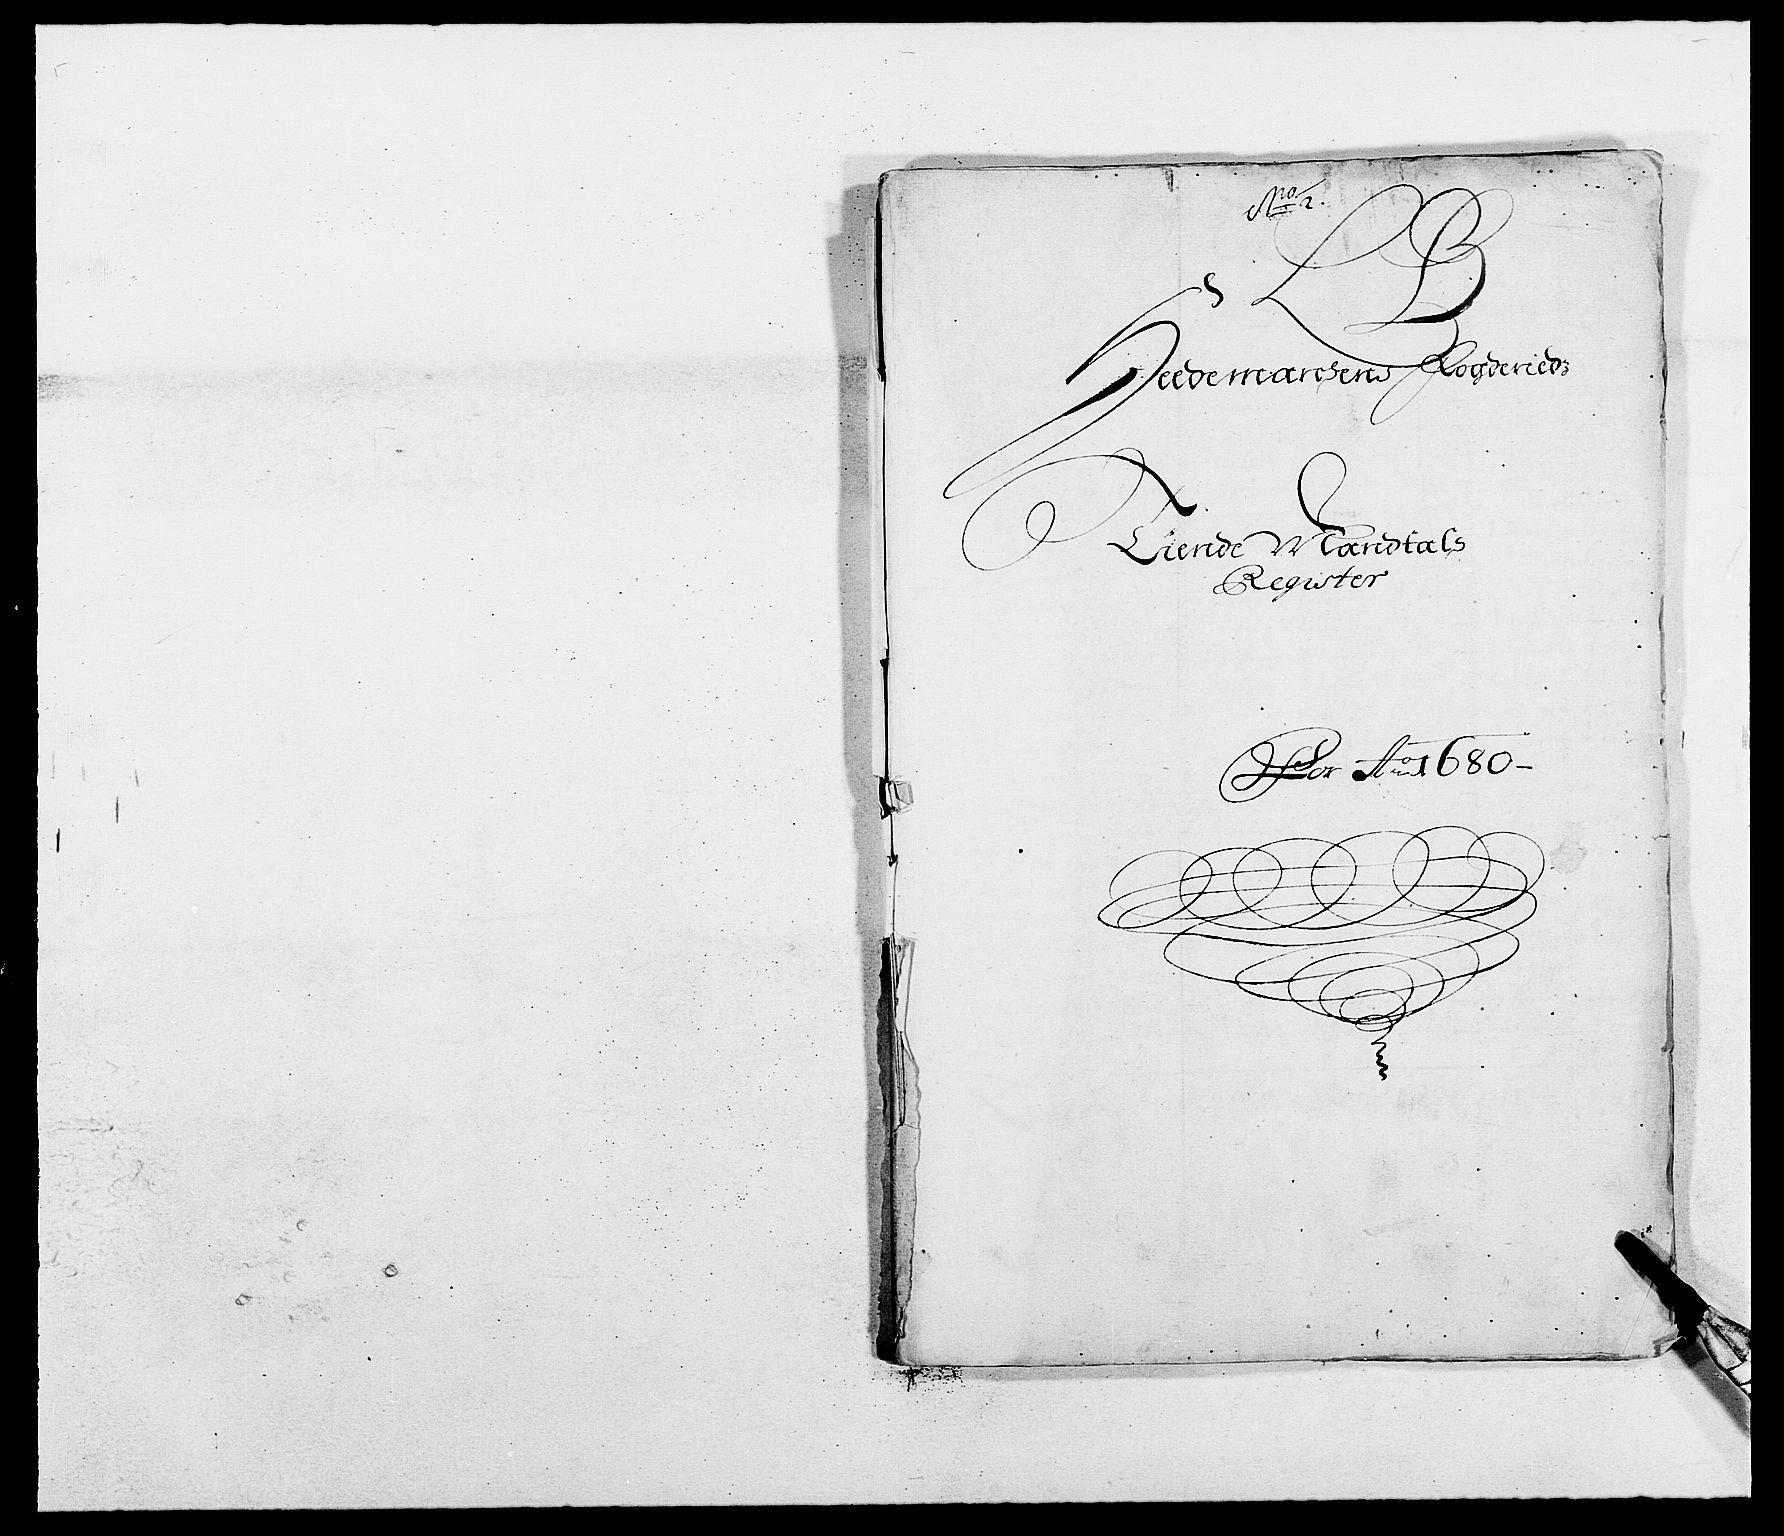 RA, Rentekammeret inntil 1814, Reviderte regnskaper, Fogderegnskap, R16/L1020: Fogderegnskap Hedmark, 1680, s. 140